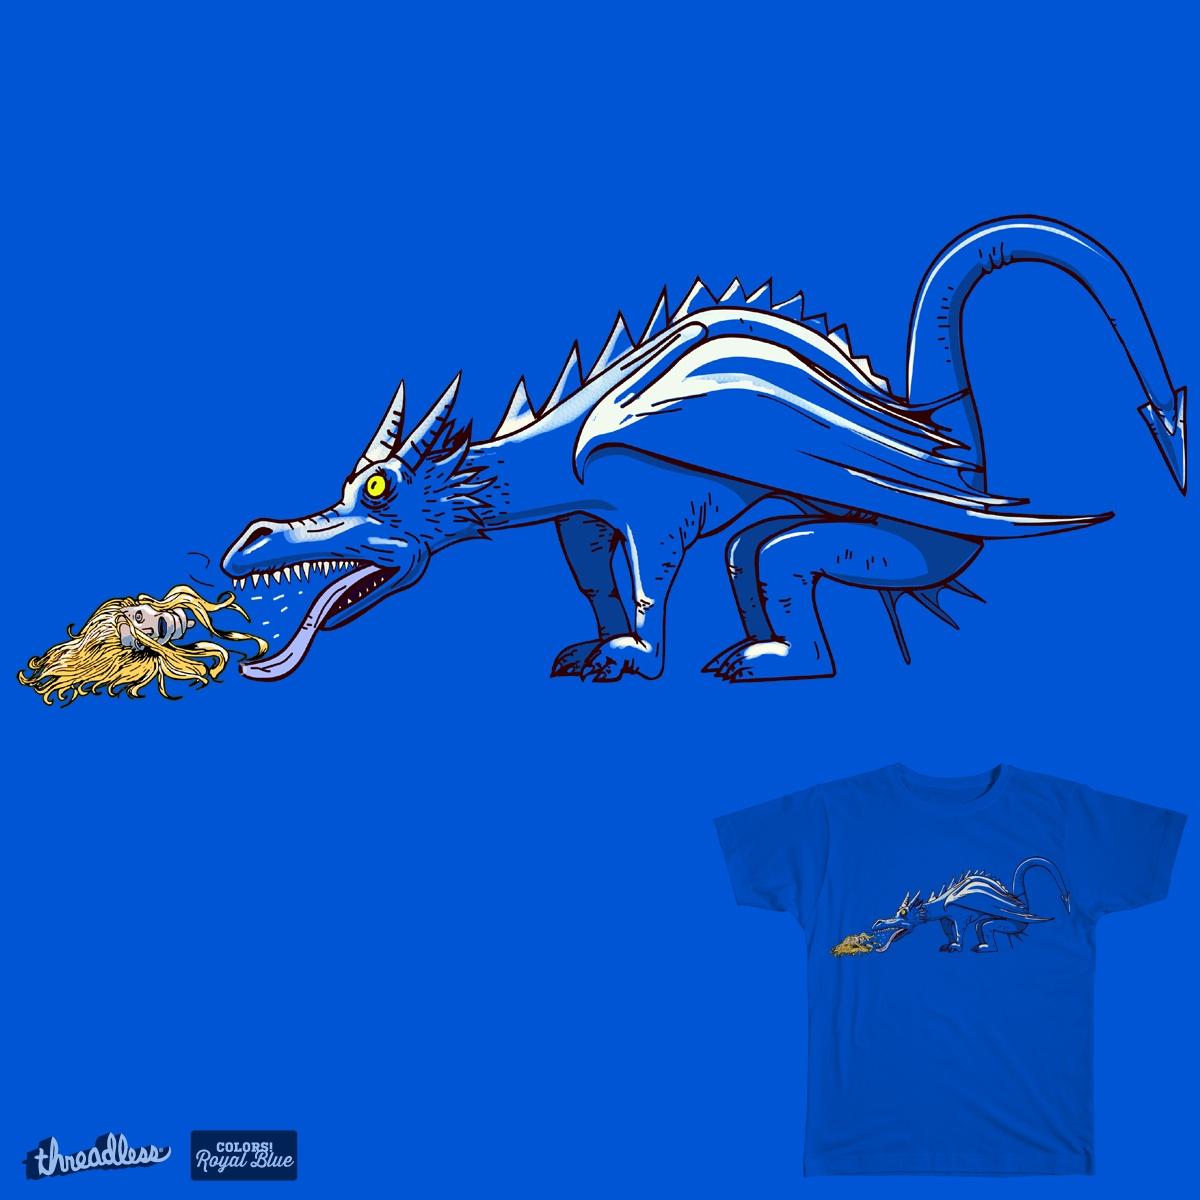 Dragon Hairball Z by weoos_02 on Threadless